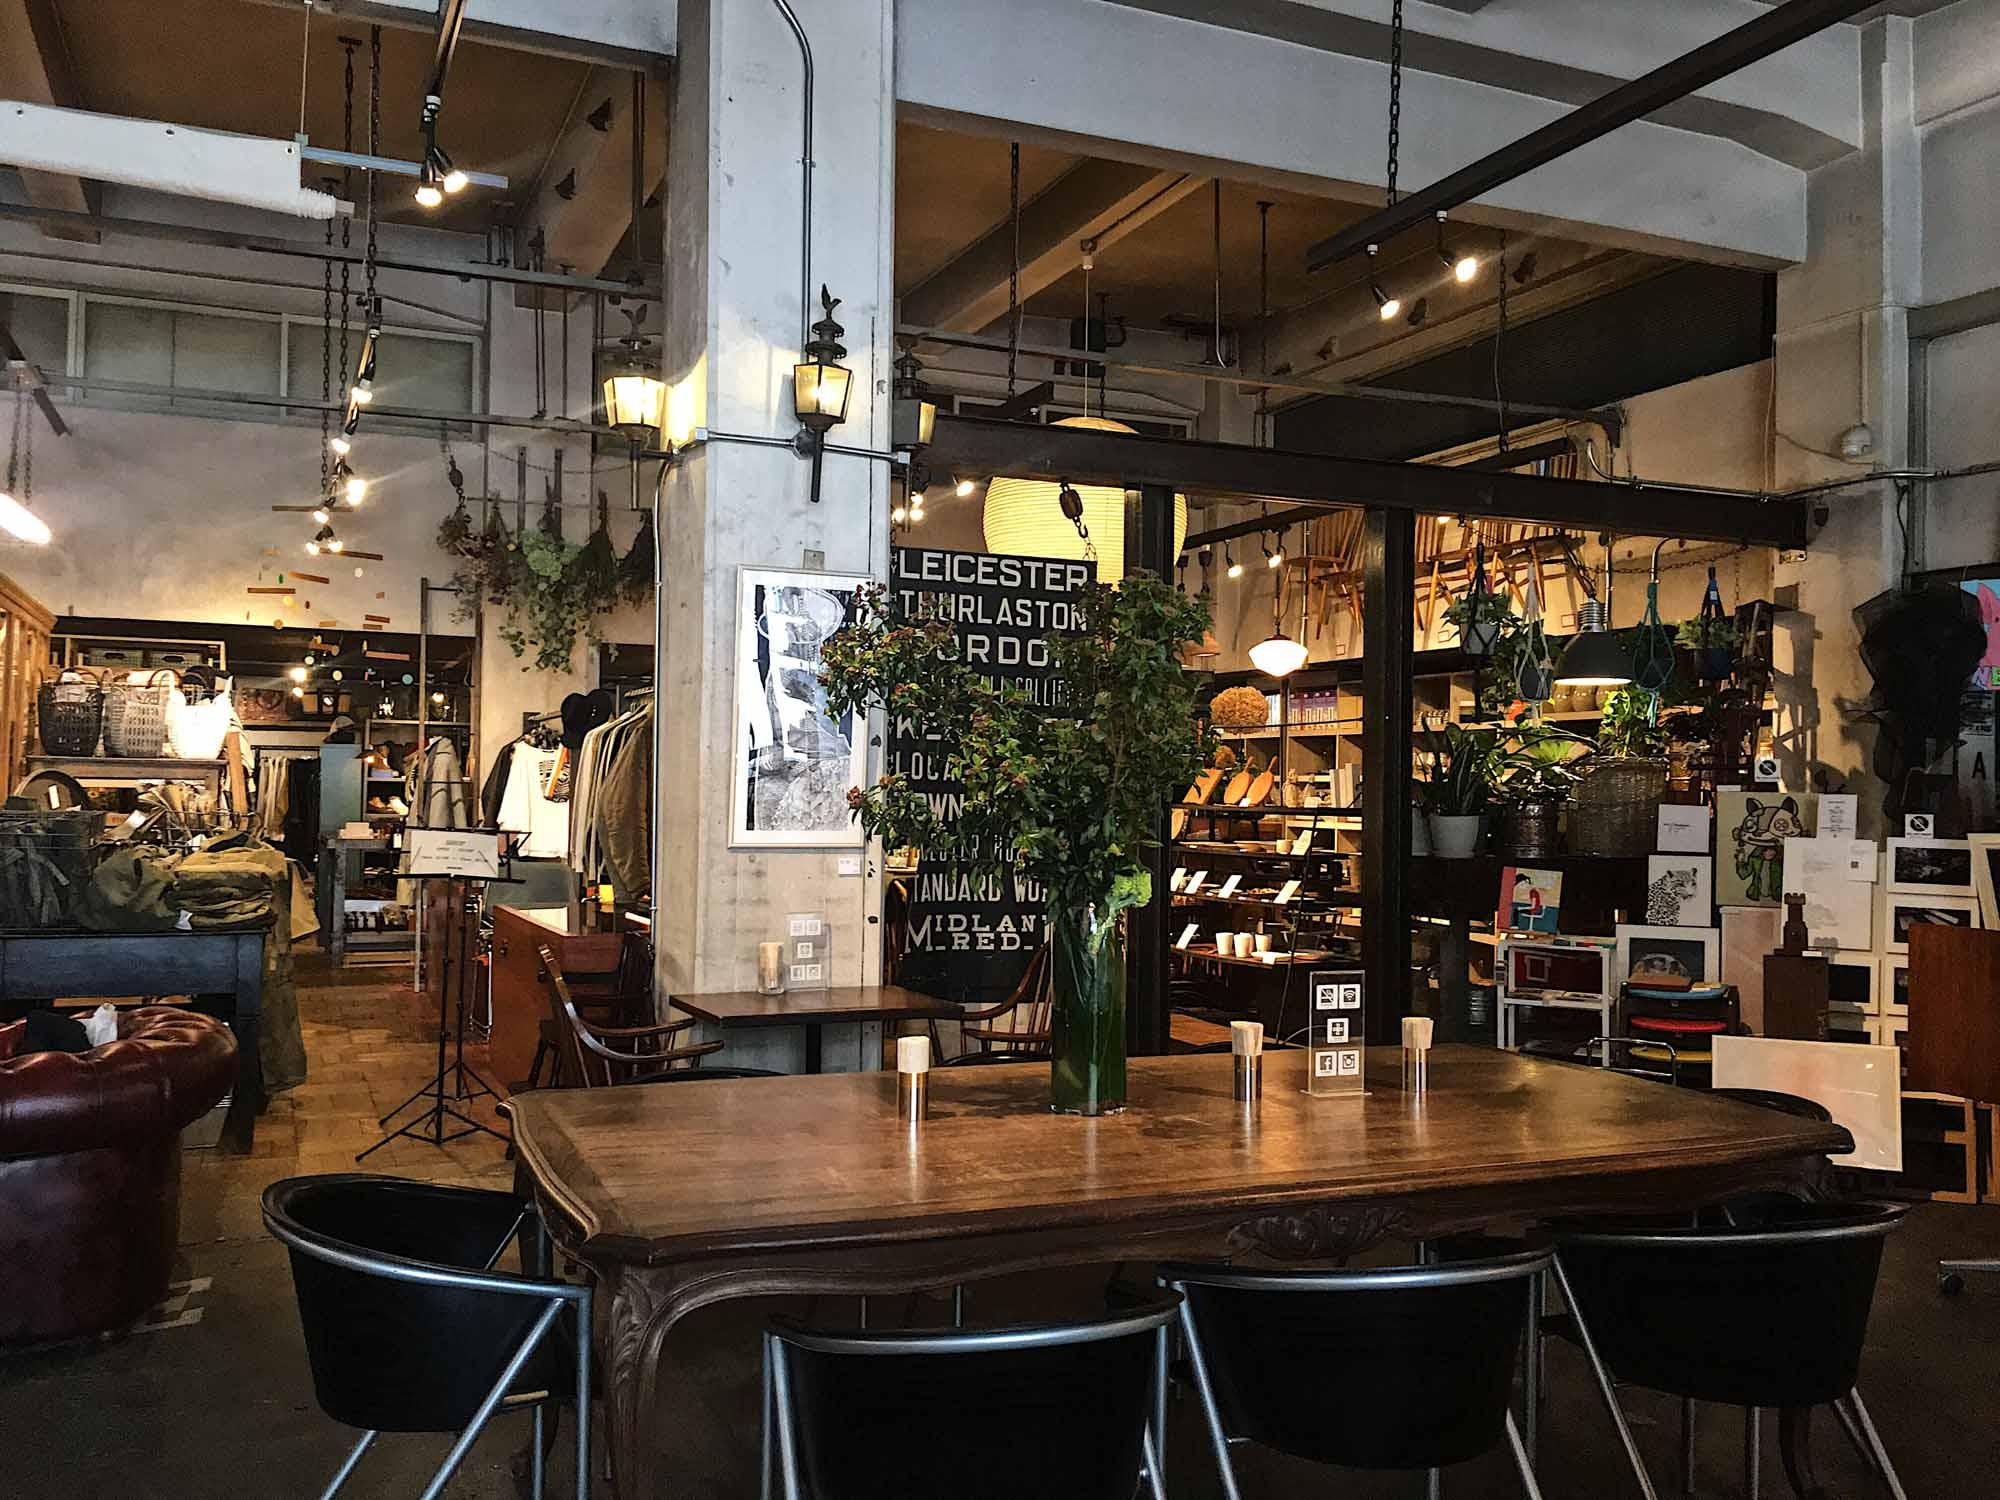 寒い朝のご褒美に。札幌の人気カフェ「FAbULOUS」で贅沢モーニング